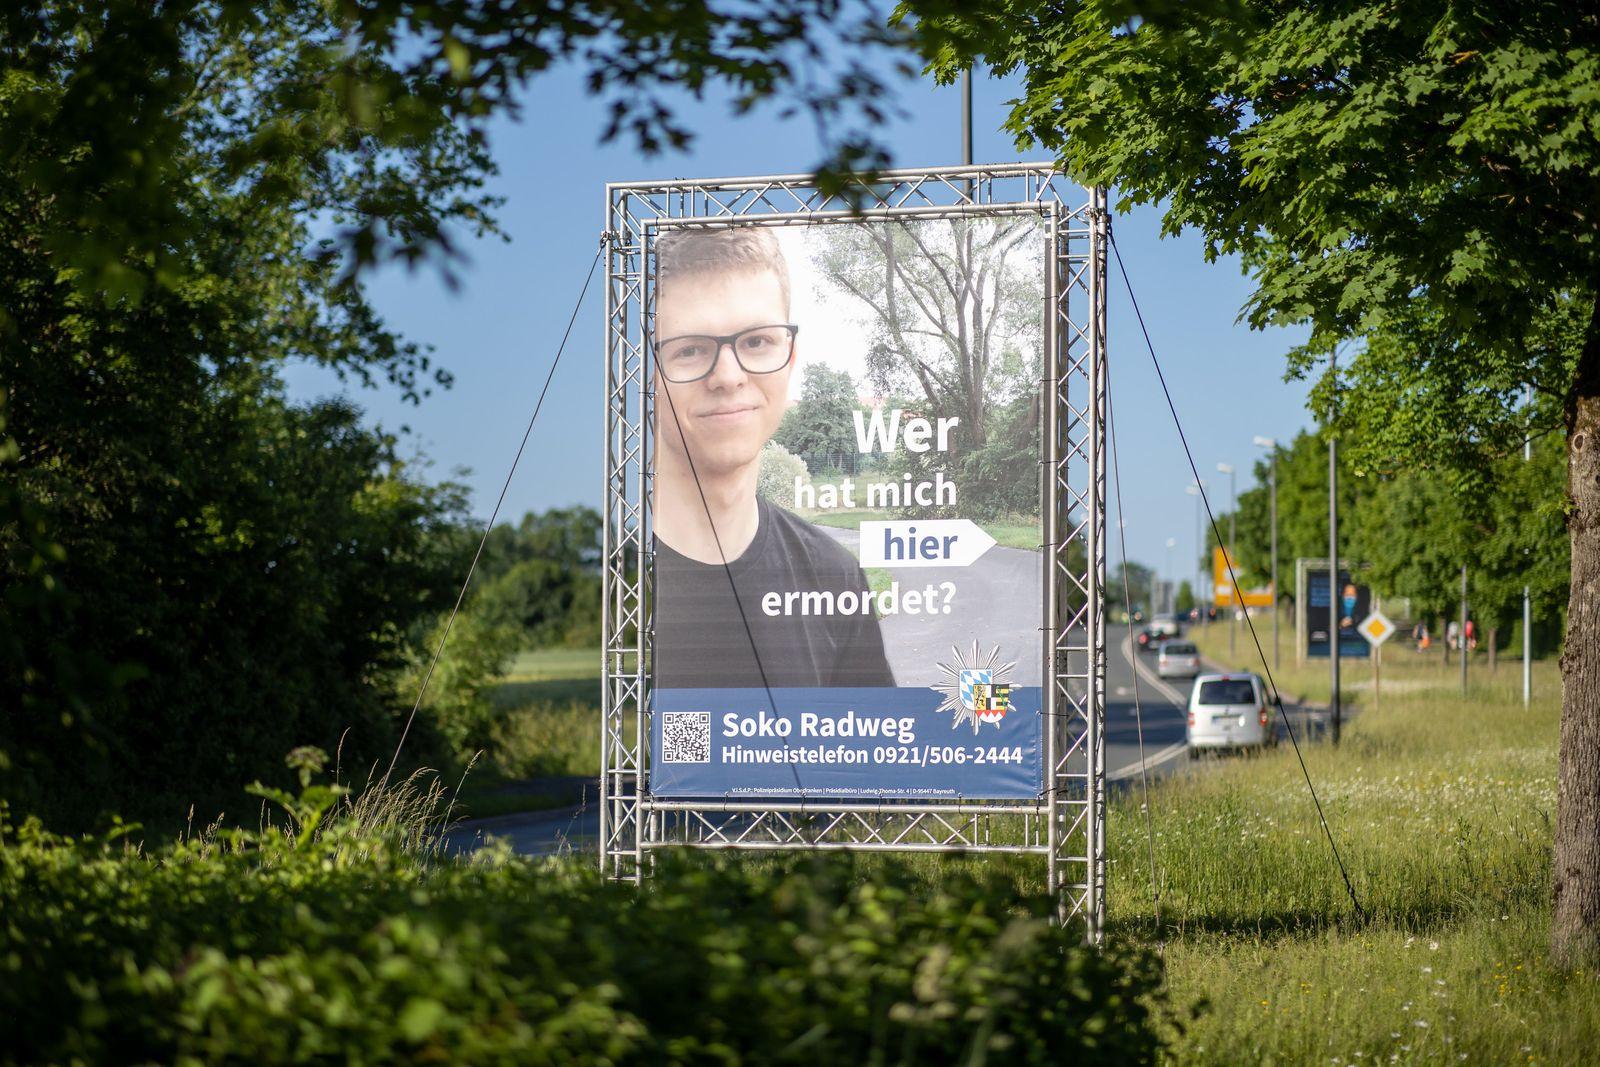 Polizei sucht Täter mit großem Plakat